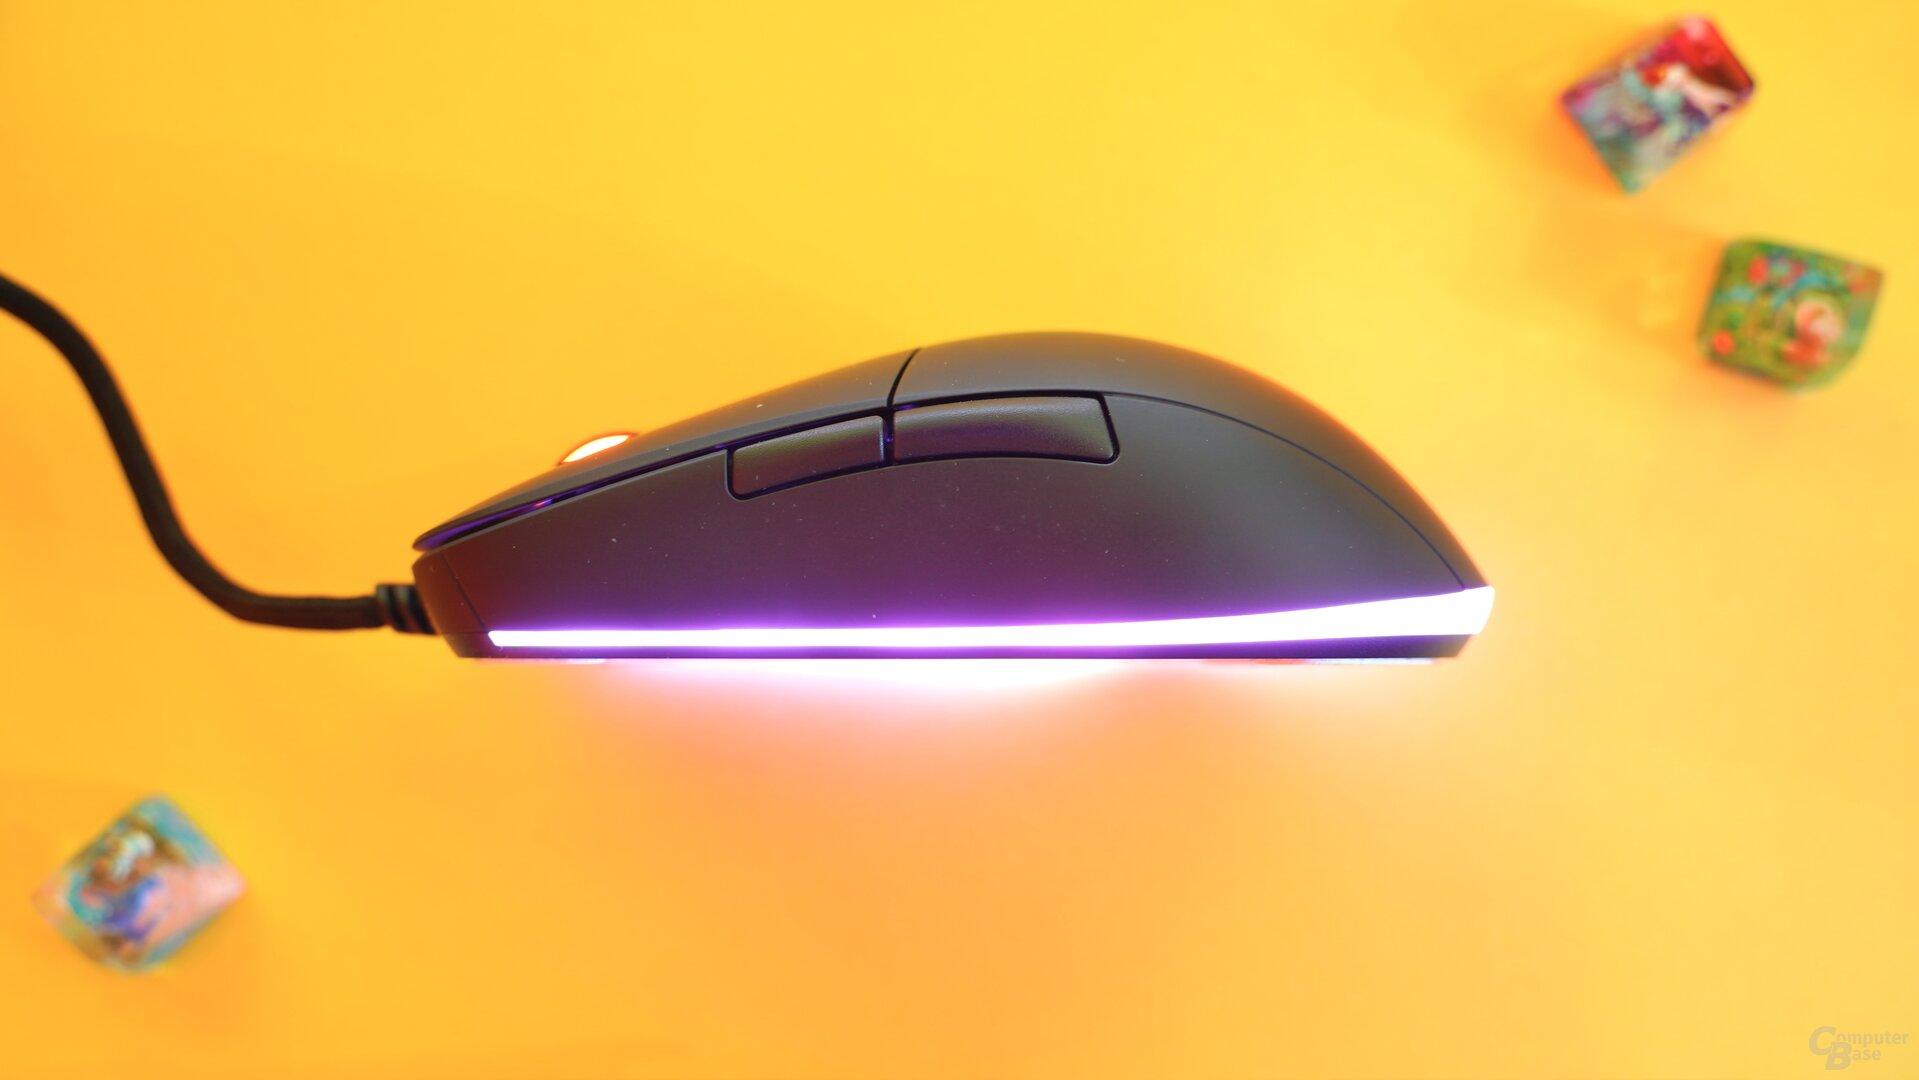 Endgame Gear XM1 RGB